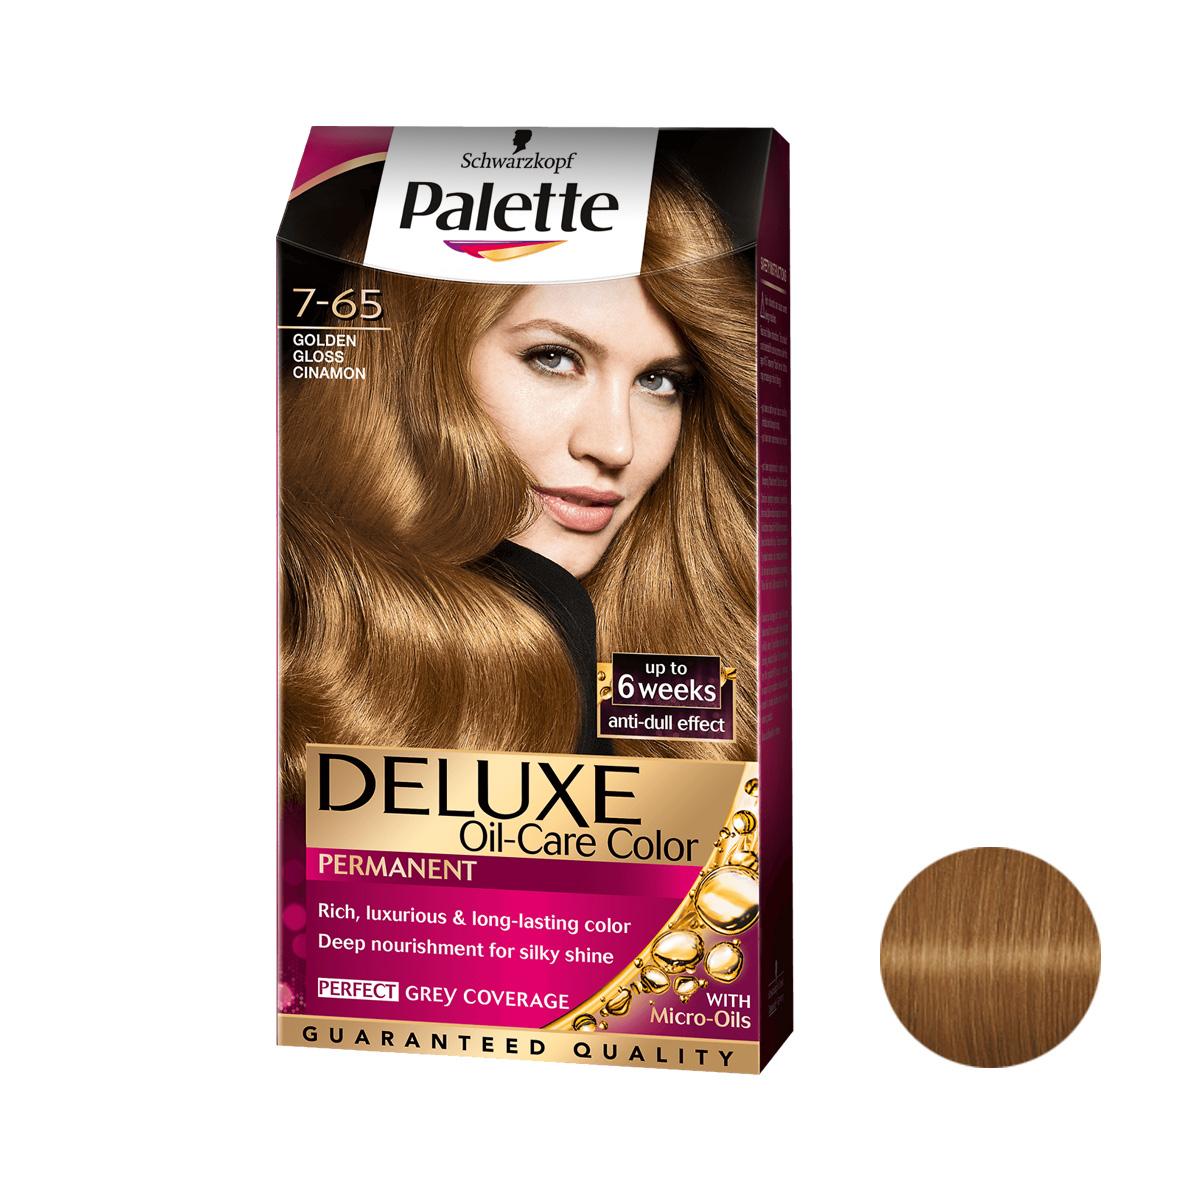 کیت رنگ مو پلت سری DELUXE شماره 65-7 حجم 50 میلی لیتر رنگ دارچینی طلایی